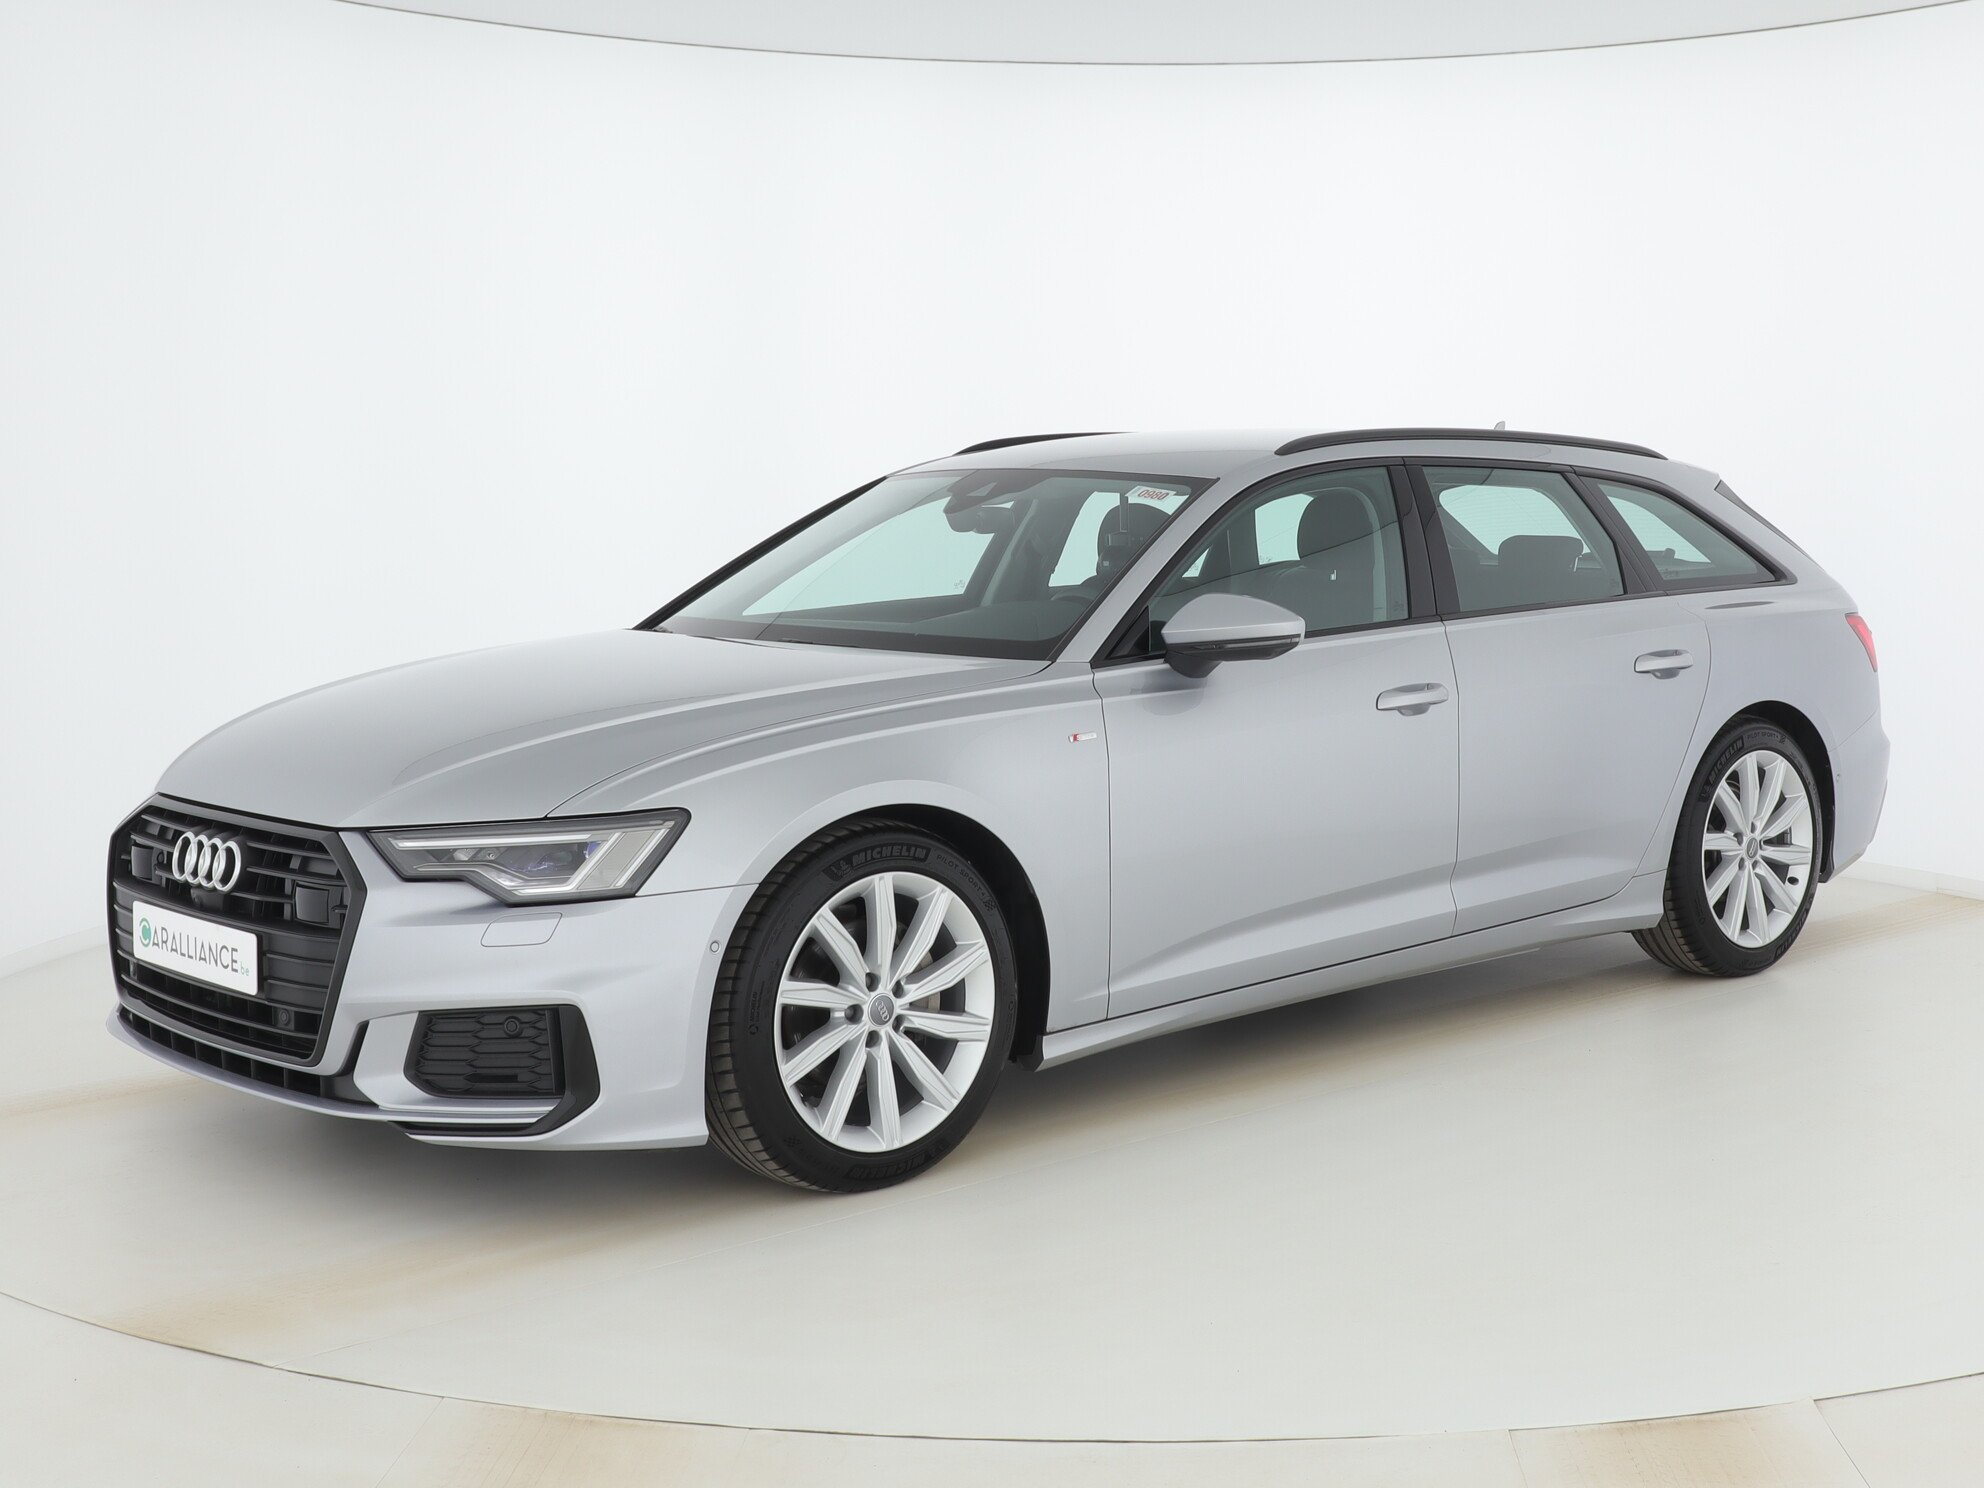 Audi – A6 Avant – S-line Ext.